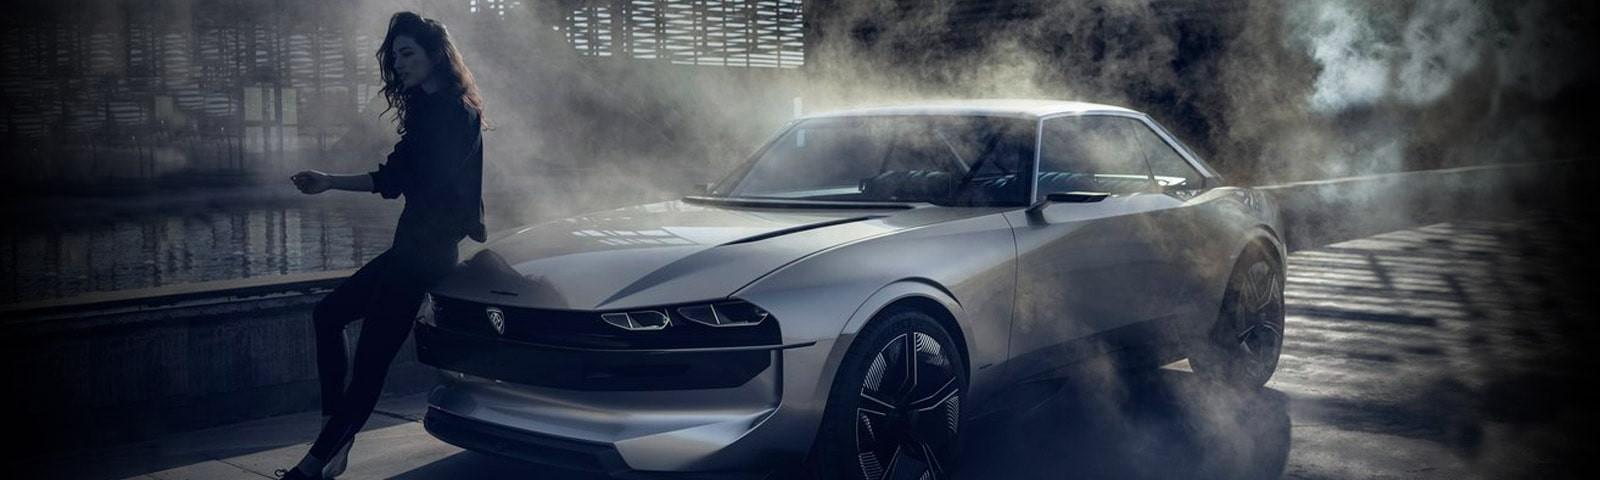 Peugeot llega a la Milan Design Week 2019 con su propuesta de transición energética